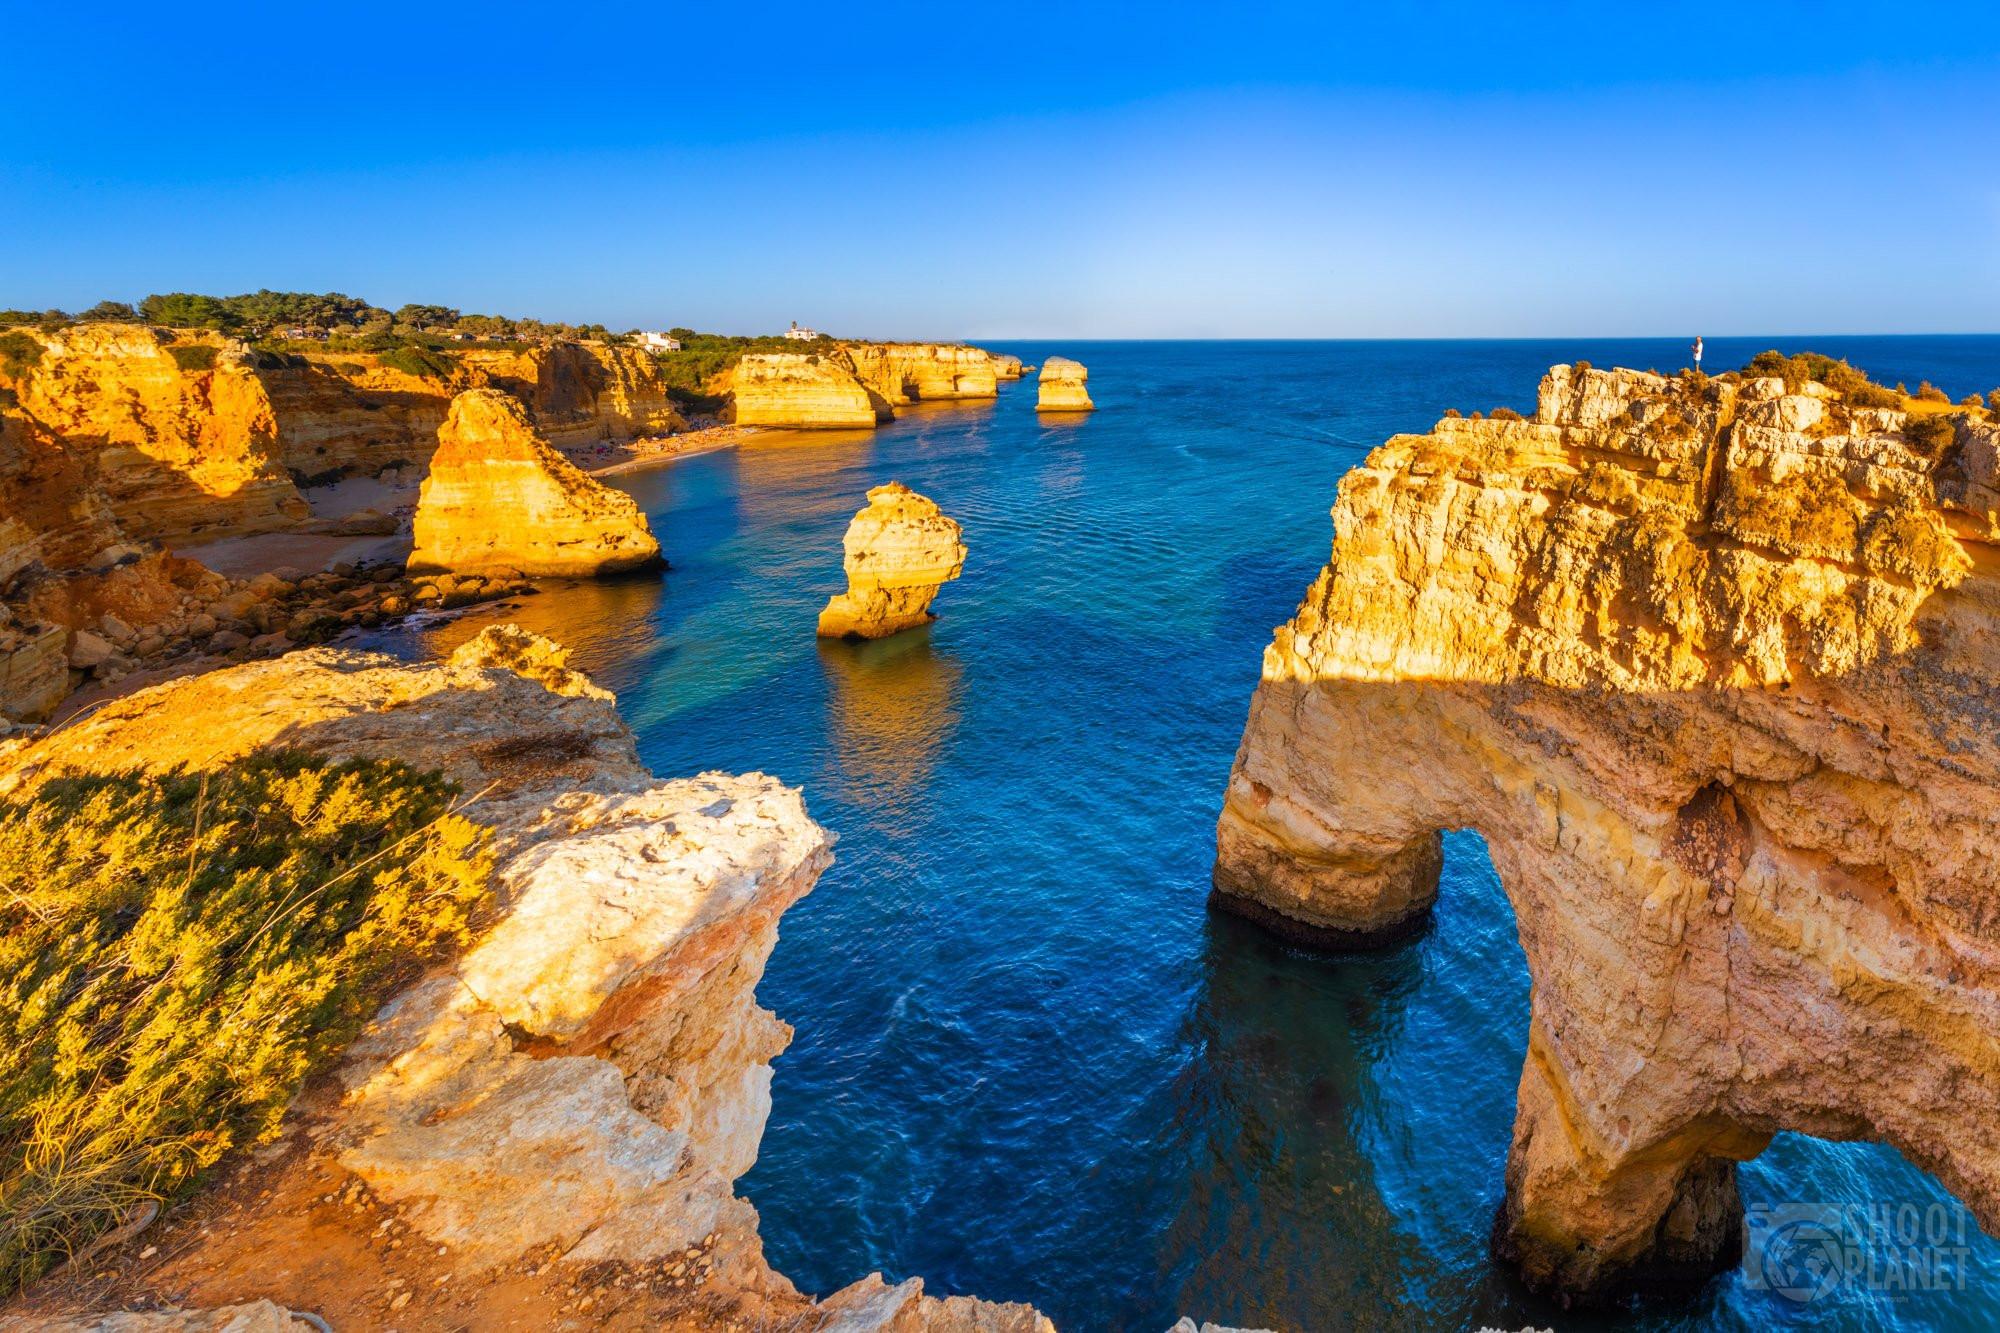 Marinha and Mesquita beaches, Carvoeiro Algarve Portugal